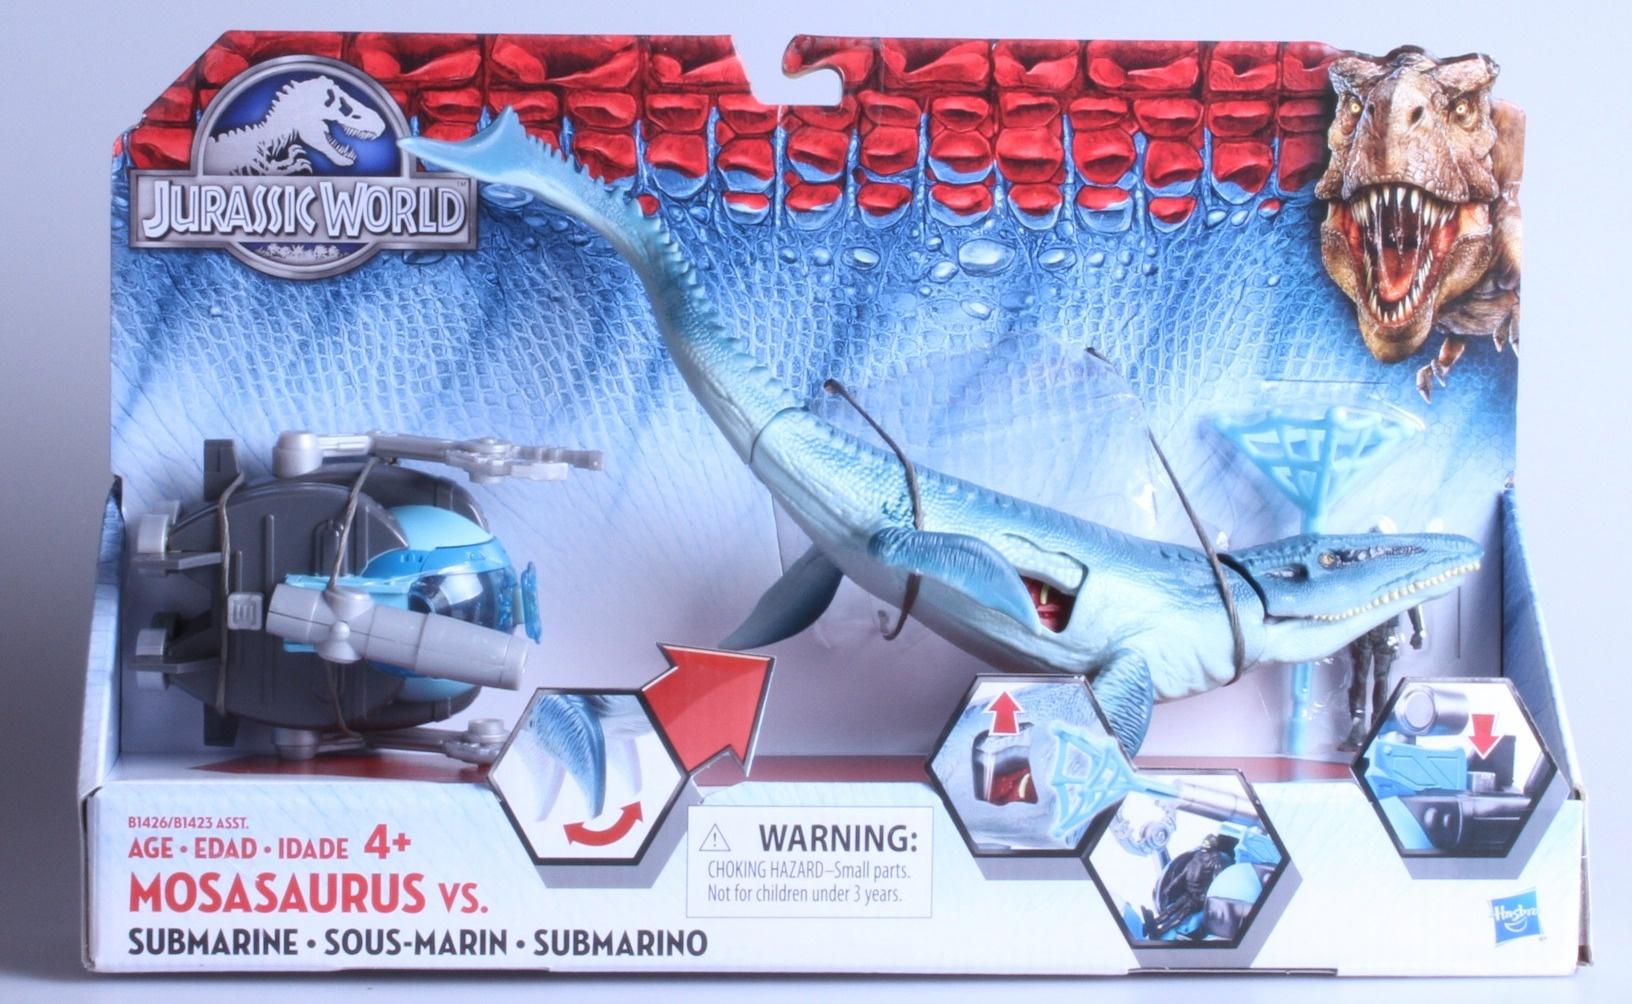 Submarine Pack Hasbro B1426AS0 Jurassic World Mosasaurus vs